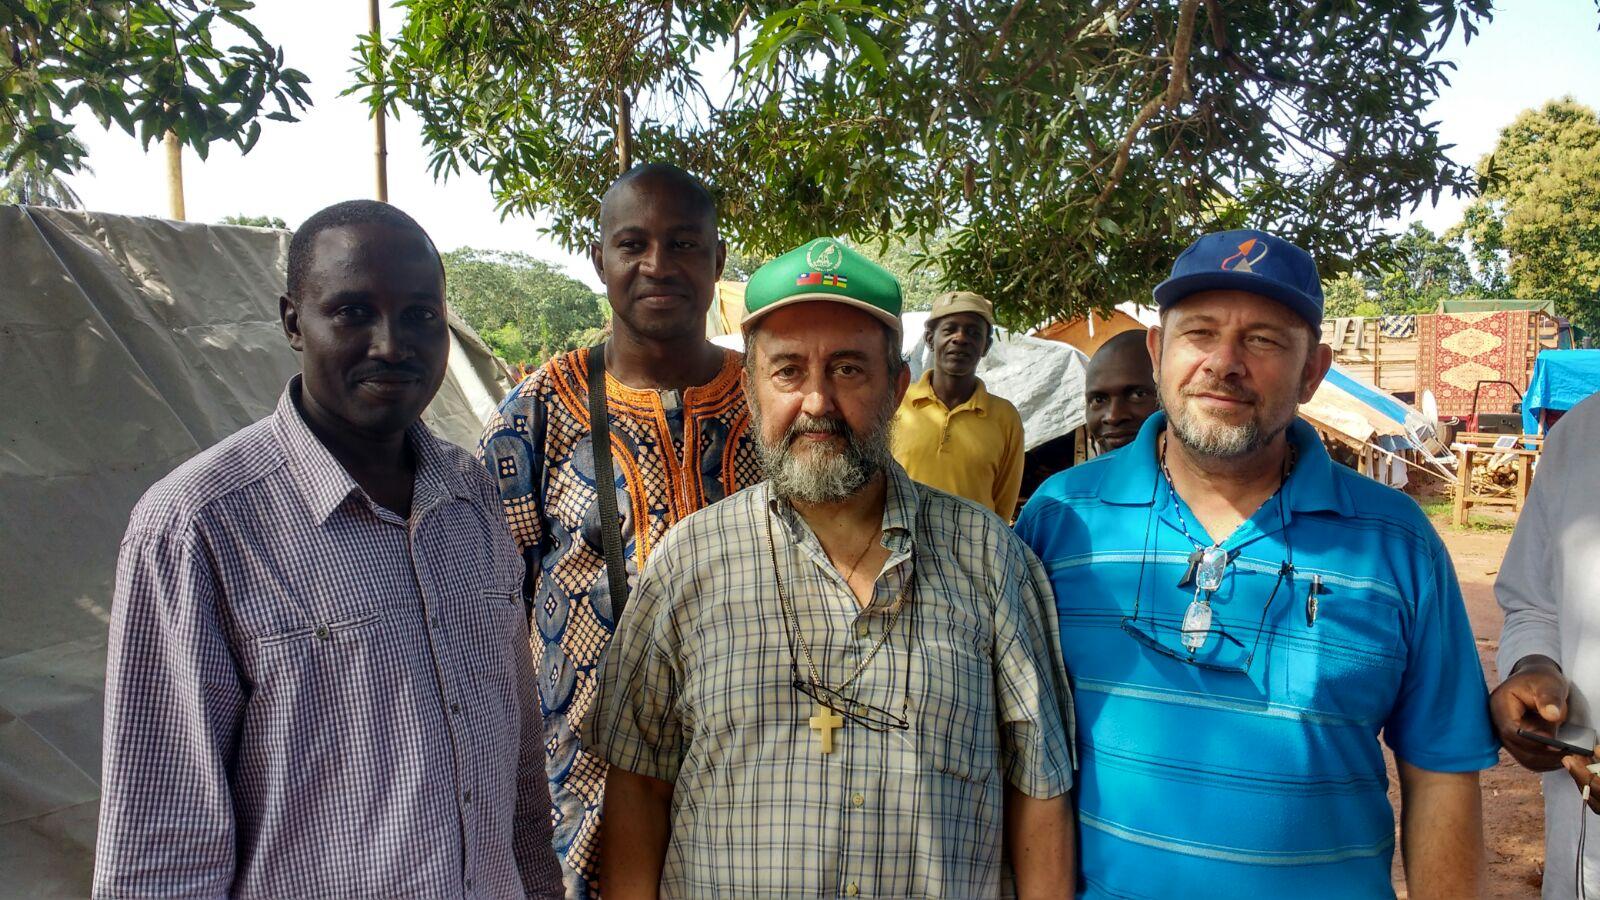 Obispo narra la situación en Bangassou, República Centroafricana, luego de un ataque islamista